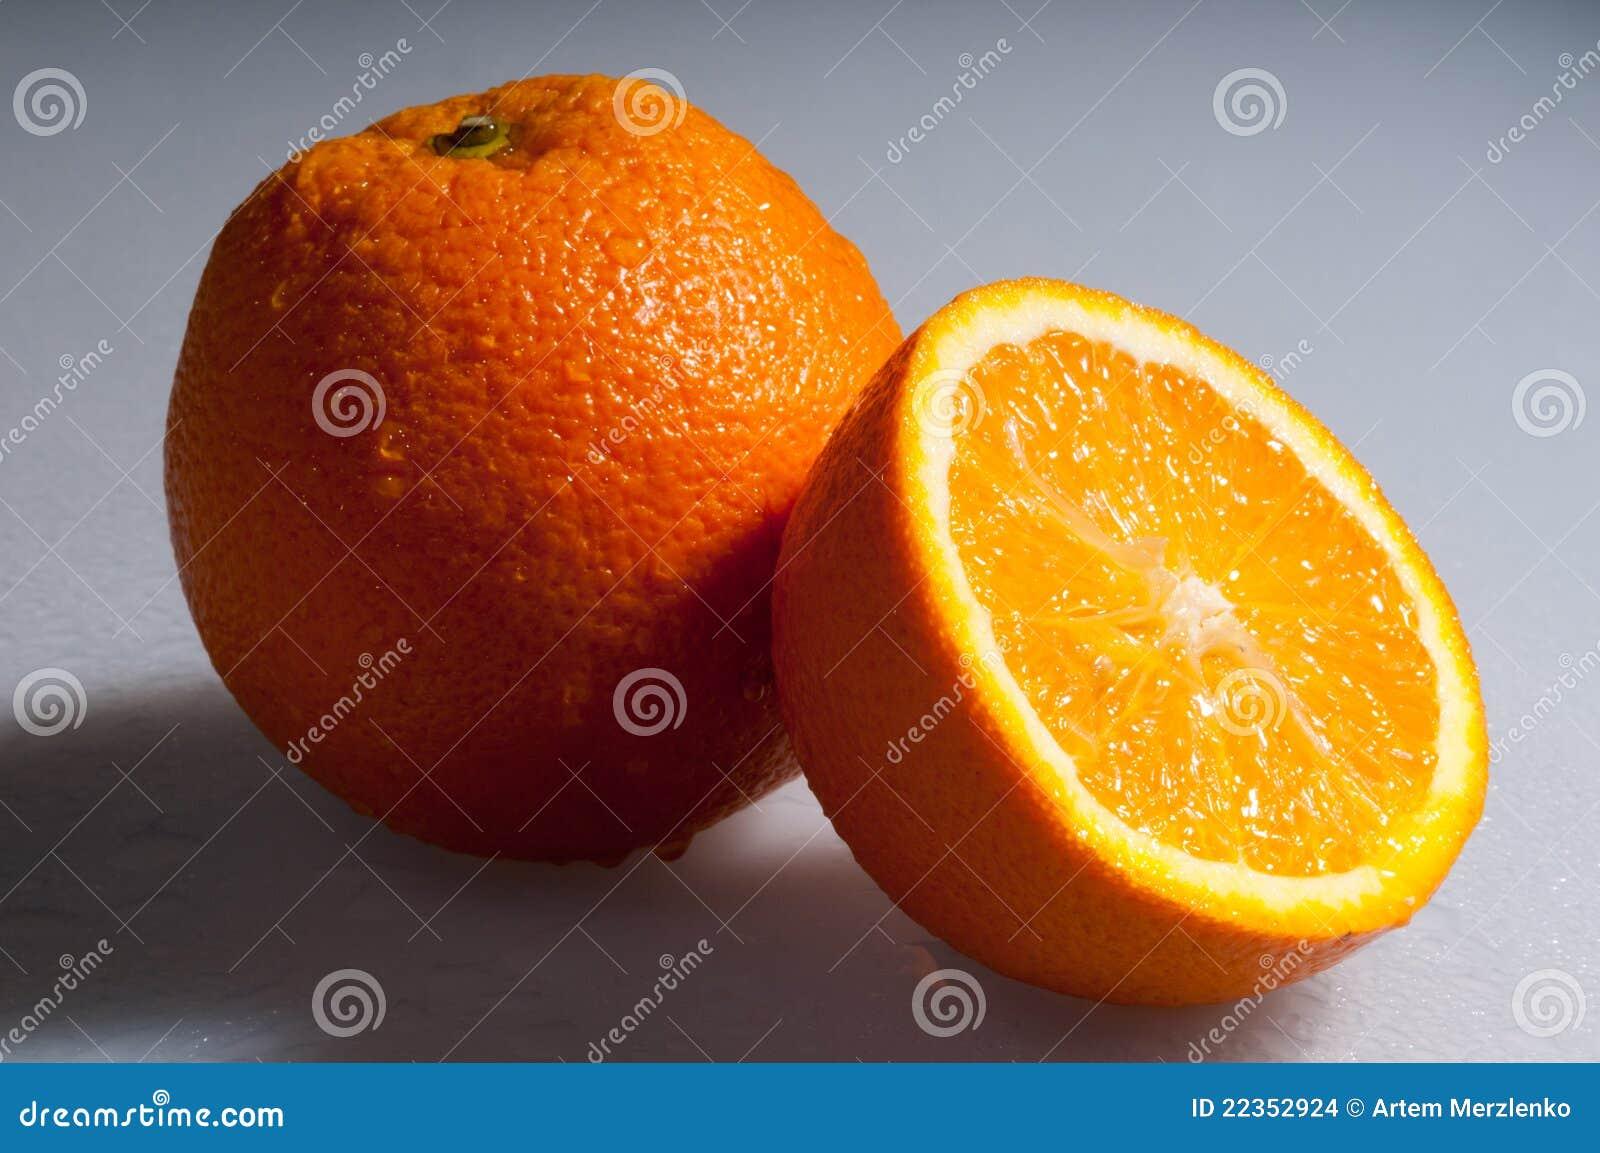 水多的桃子片式二